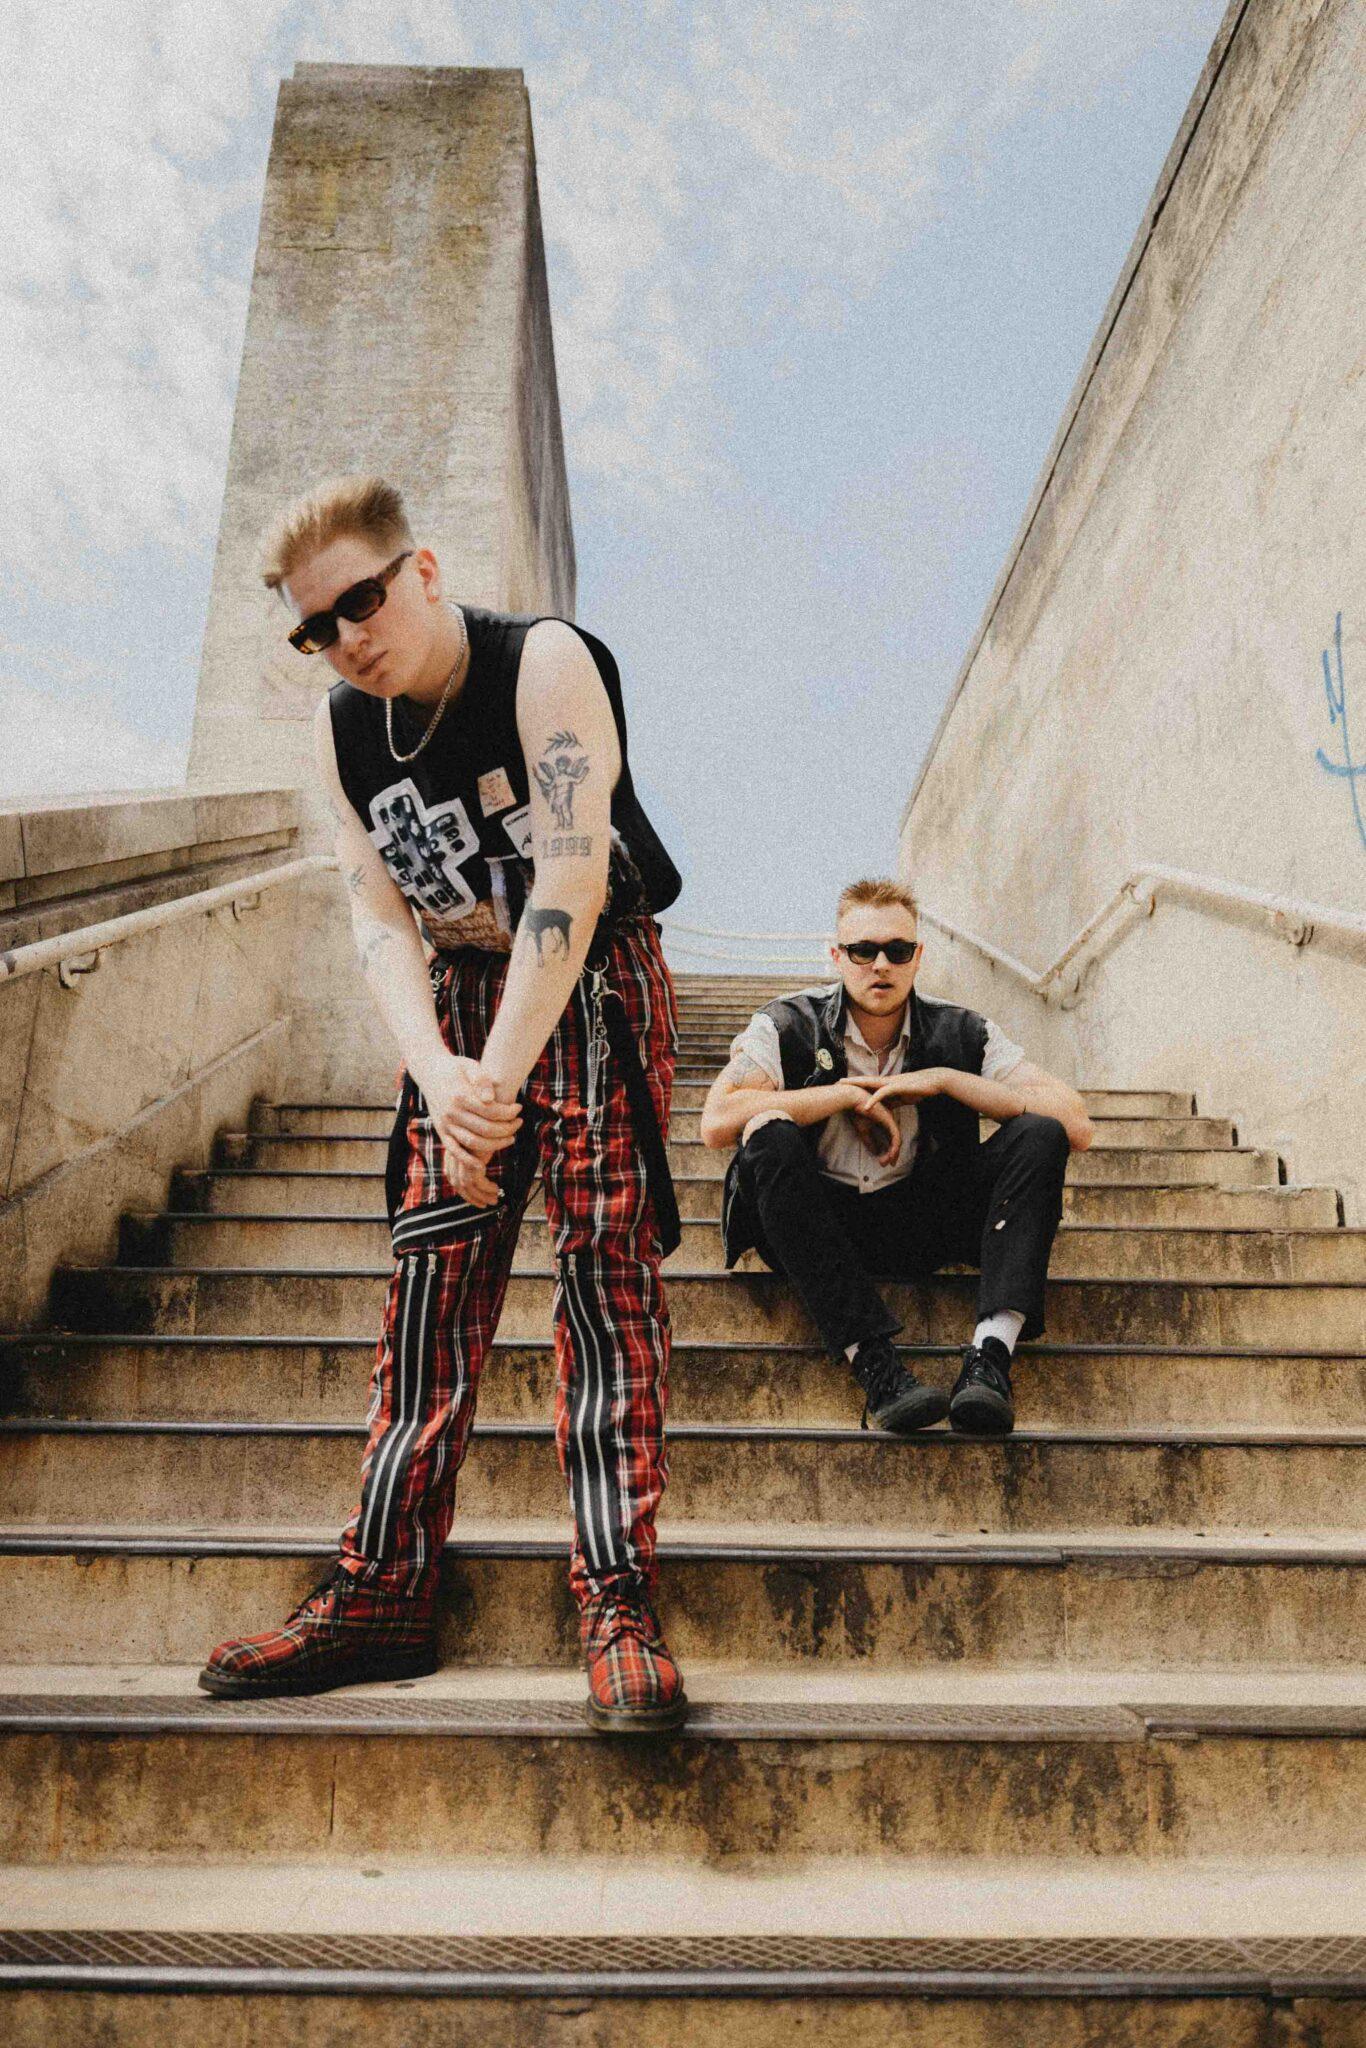 Punkband band photo - Underground bands page